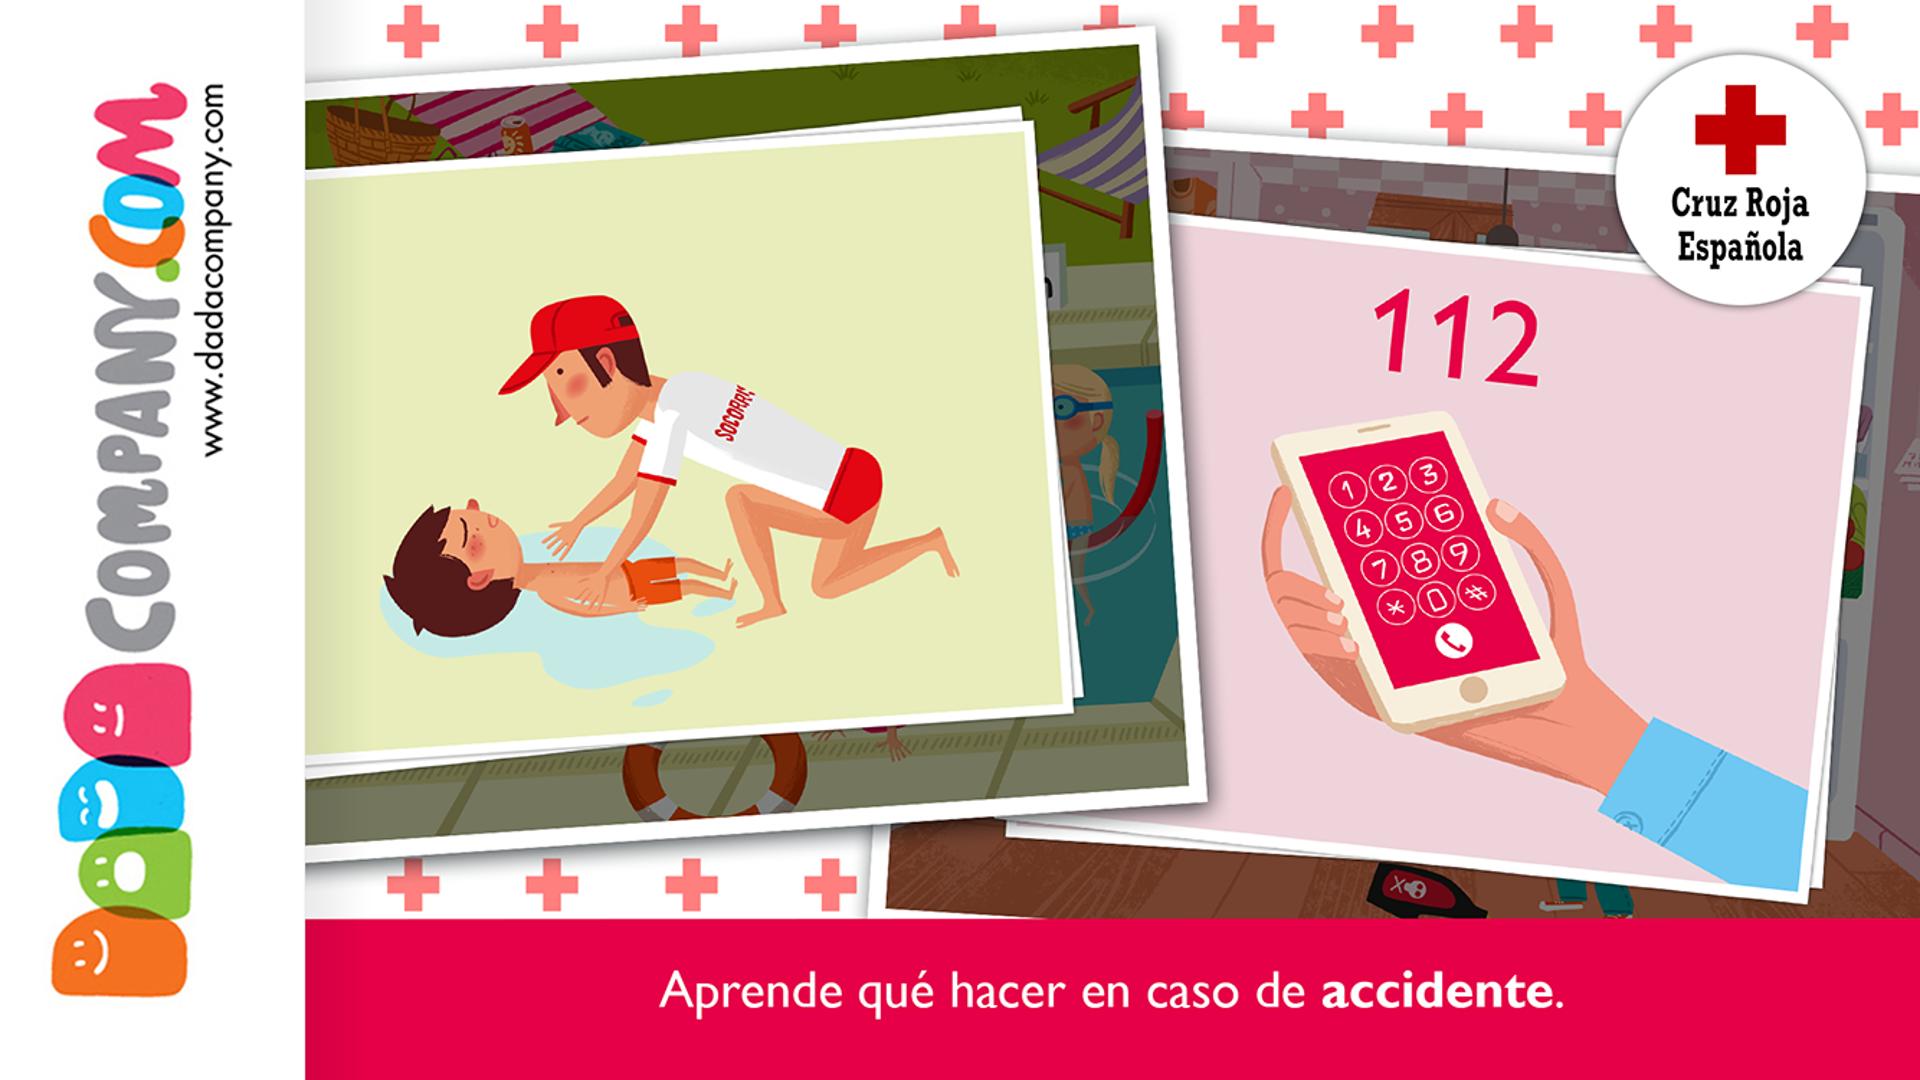 CRUZ ROJA - Prevención de accidentes y primeros auxilios